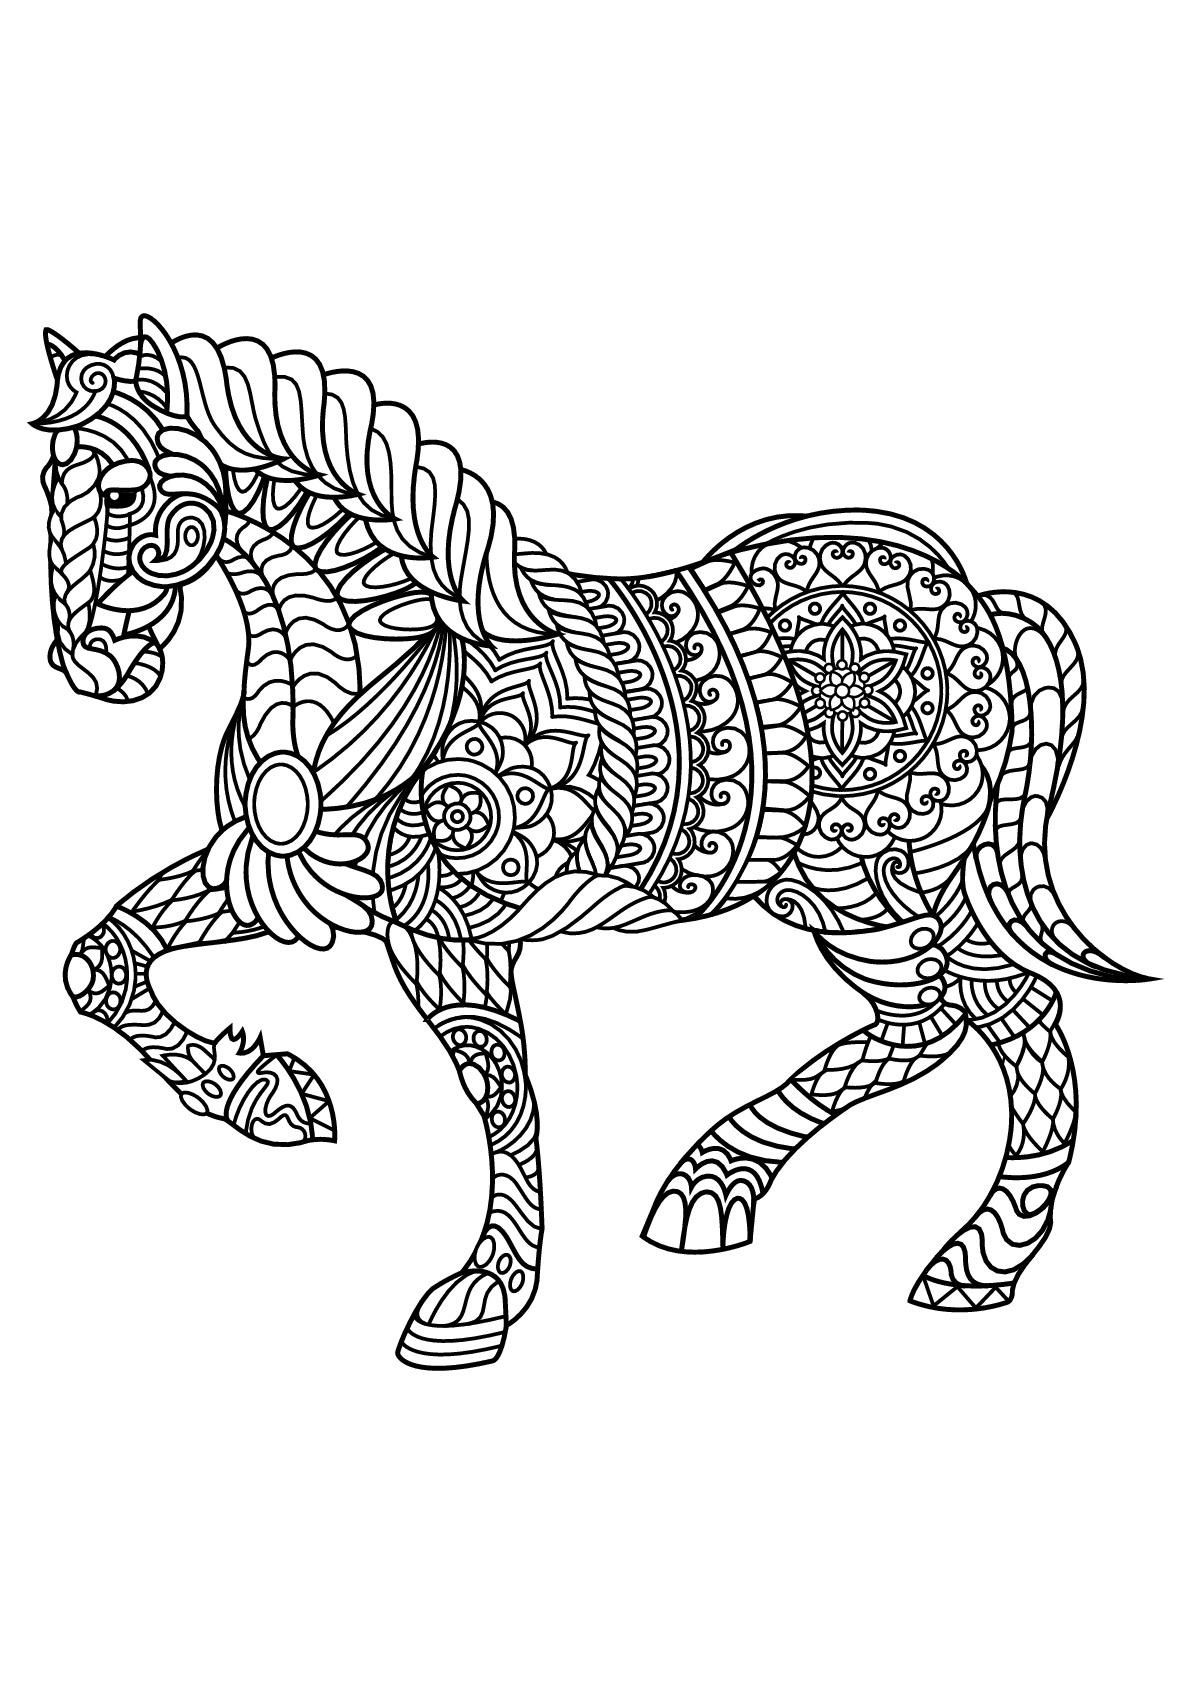 Disegni da colorare per adulti : Cavalli - 5